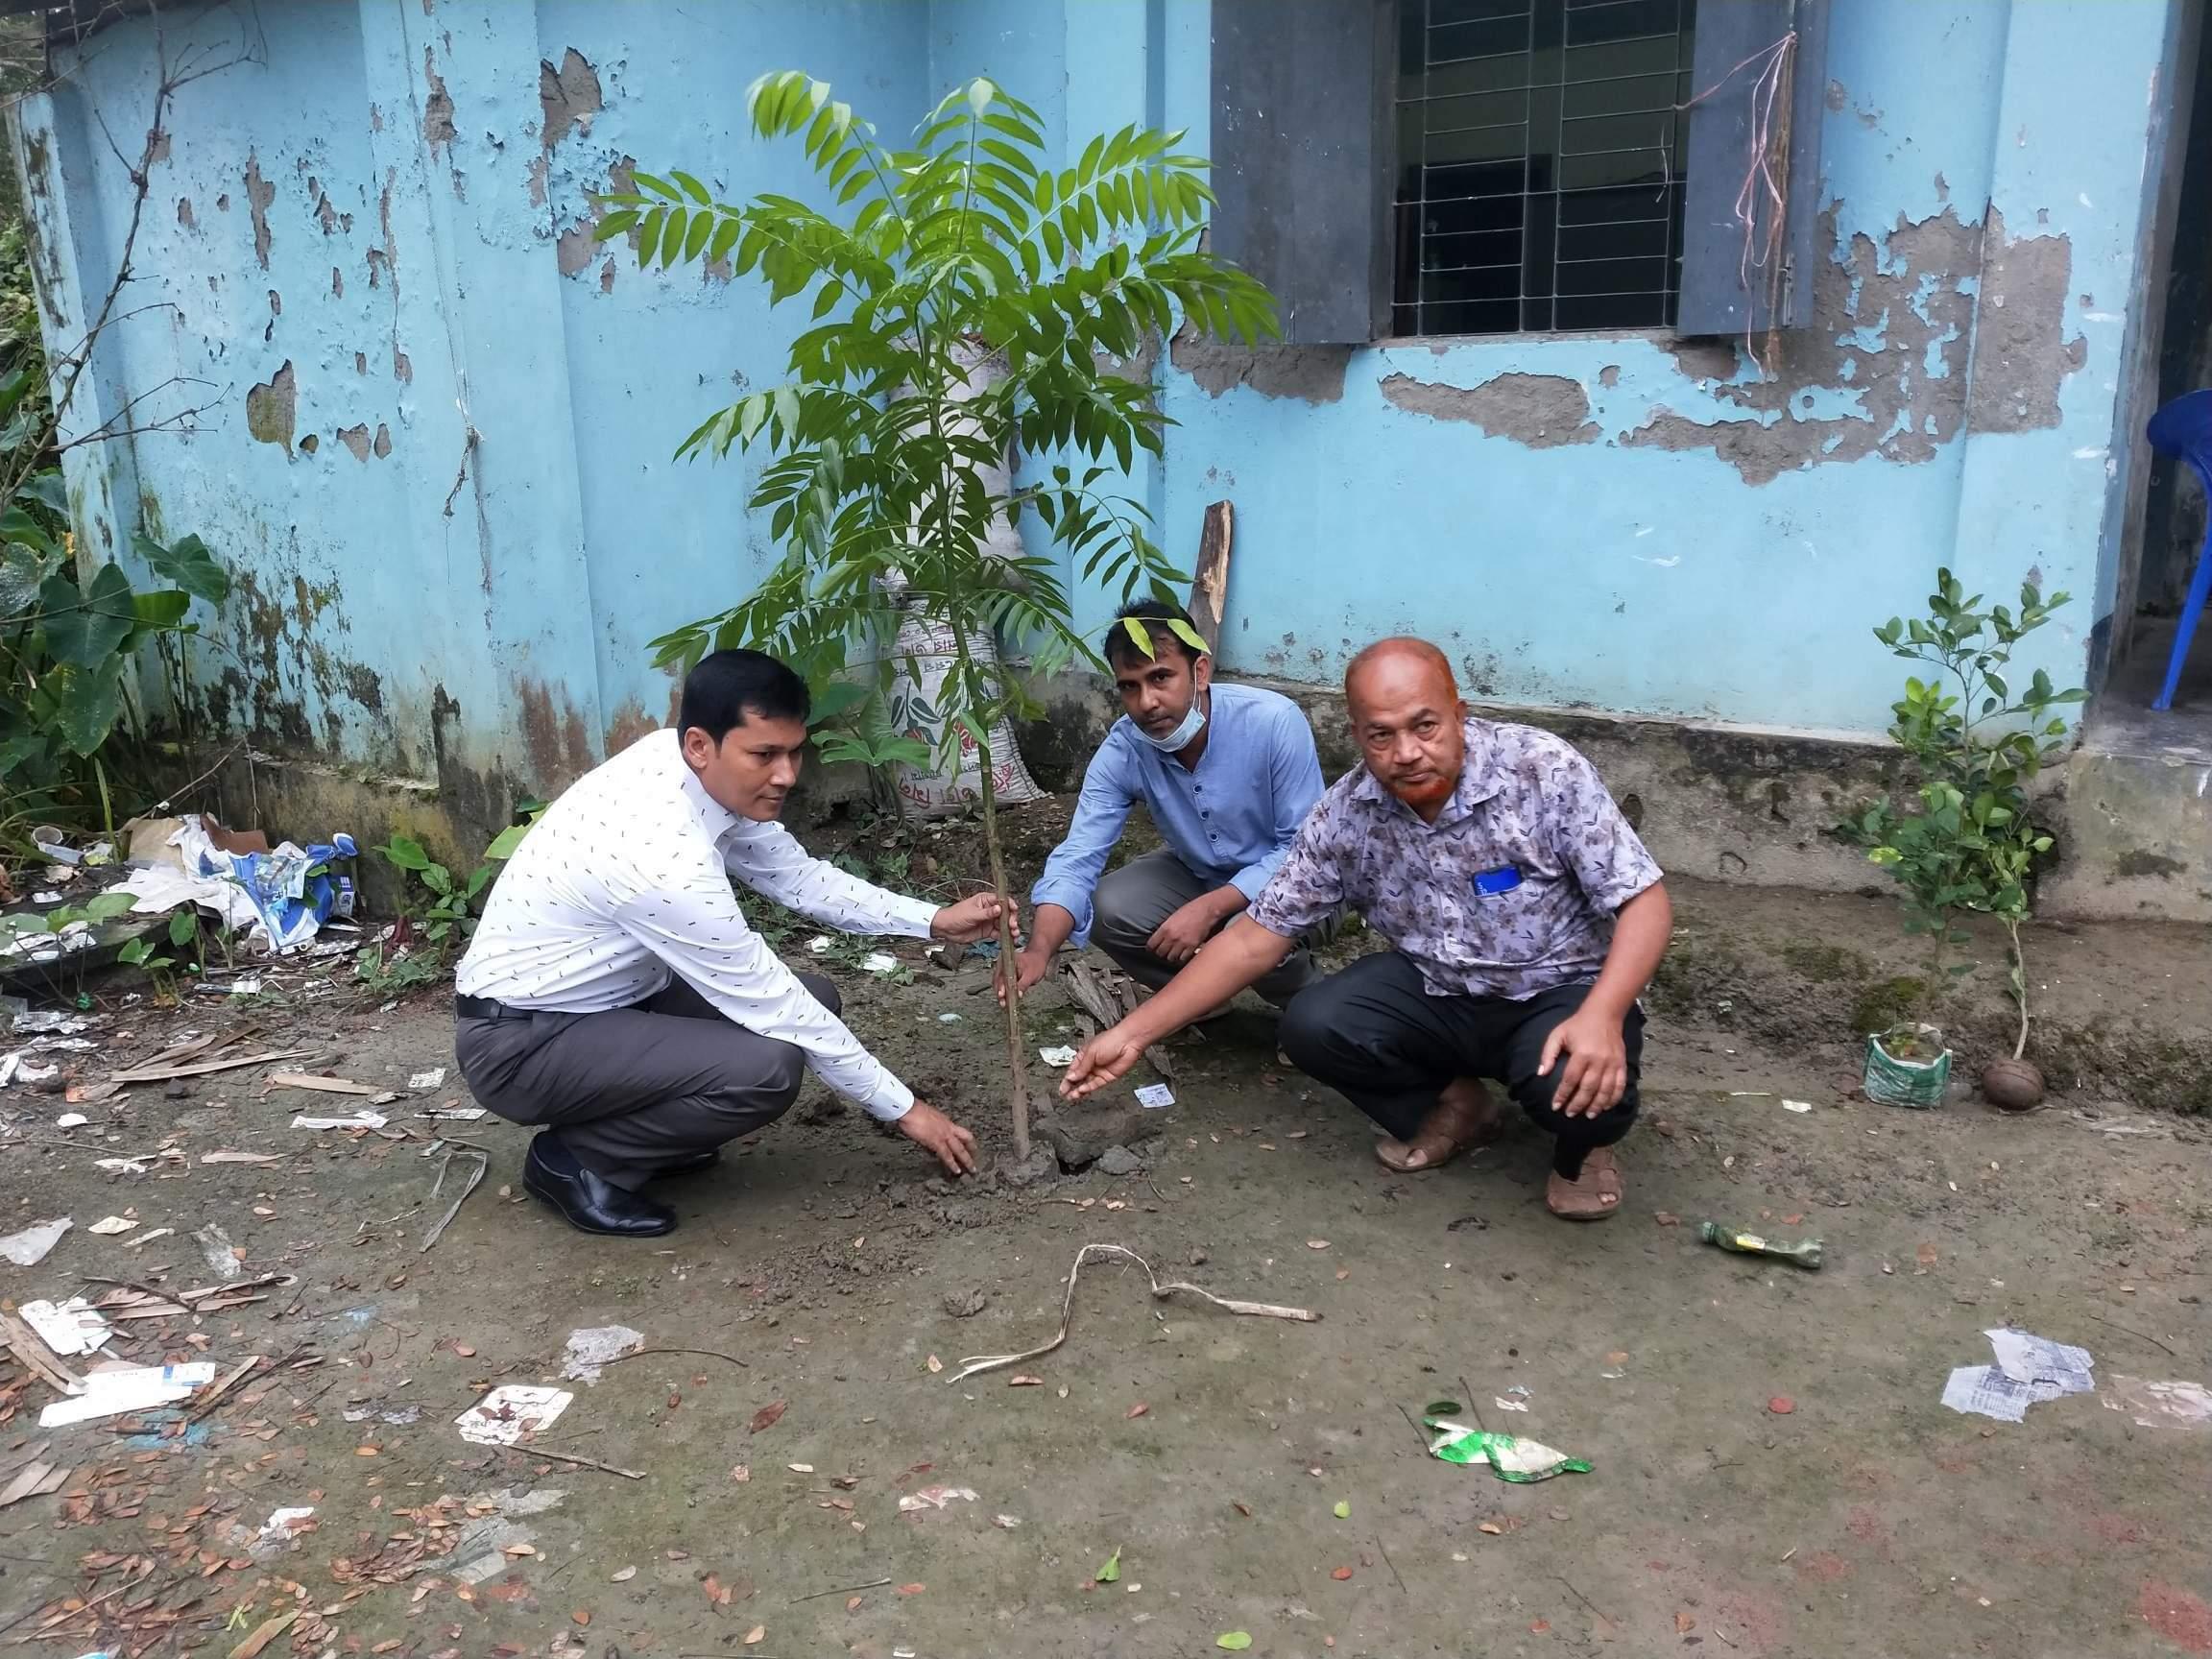 মুজিববর্ষ উপলক্ষে চরমোনাই ভূমি অফিসের উদ্যোগে বৃক্ষ রোপণ